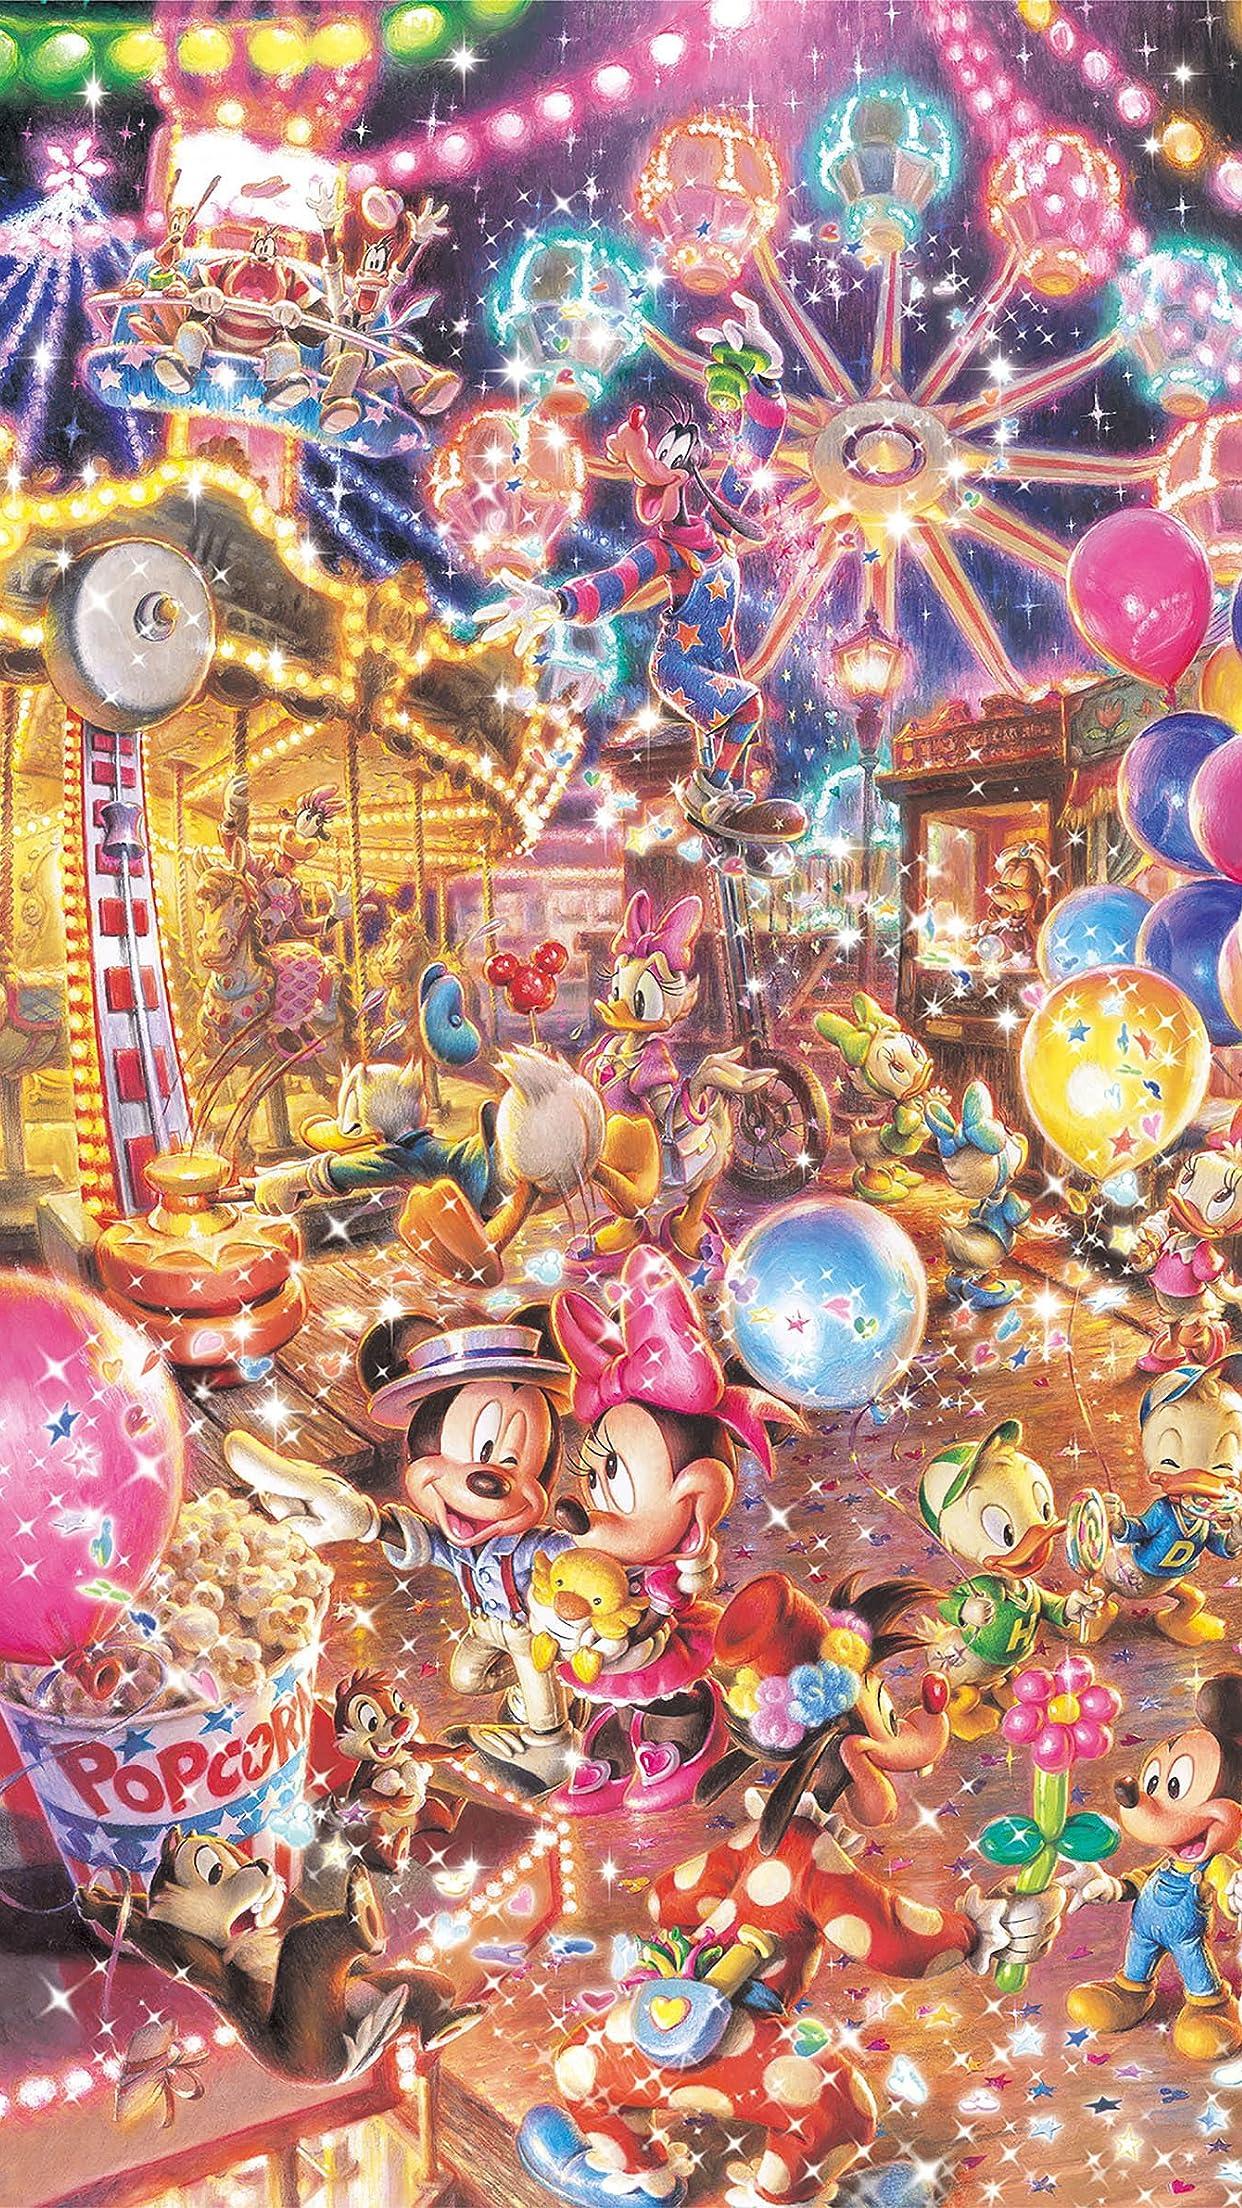 ディズニー トワイライトパーク iPhone8,7,6 Plus 壁紙(1242×2208) 画像73104 スマポ